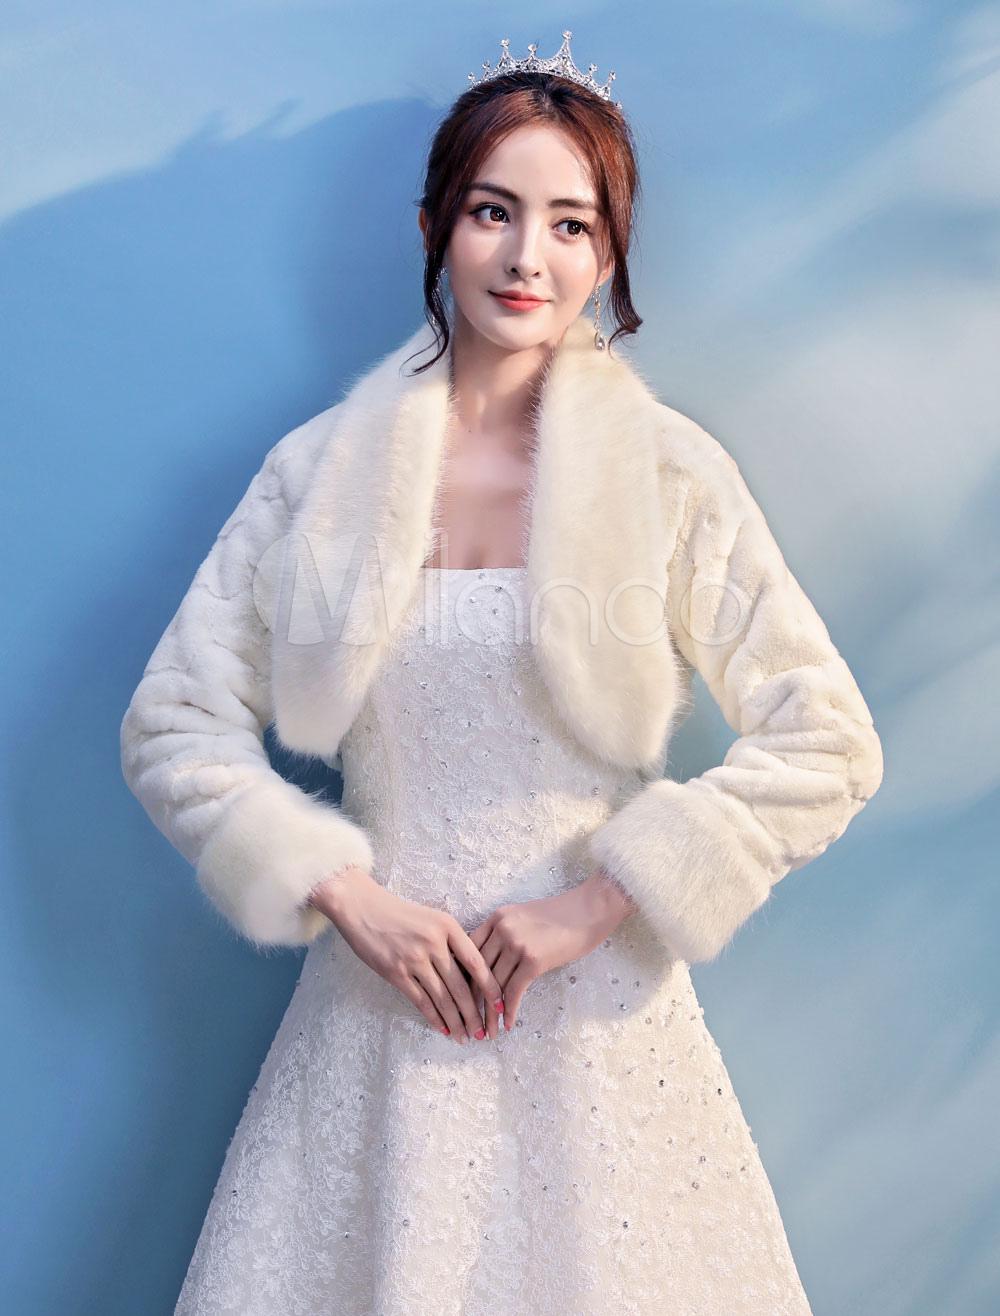 51ec68a64de70 Bolero Wedding Jacket Faux Fur Long Sleeve Bridal Shrug Tops Party Cover  Ups-No. 12. 32%OFF. Color:Ivory